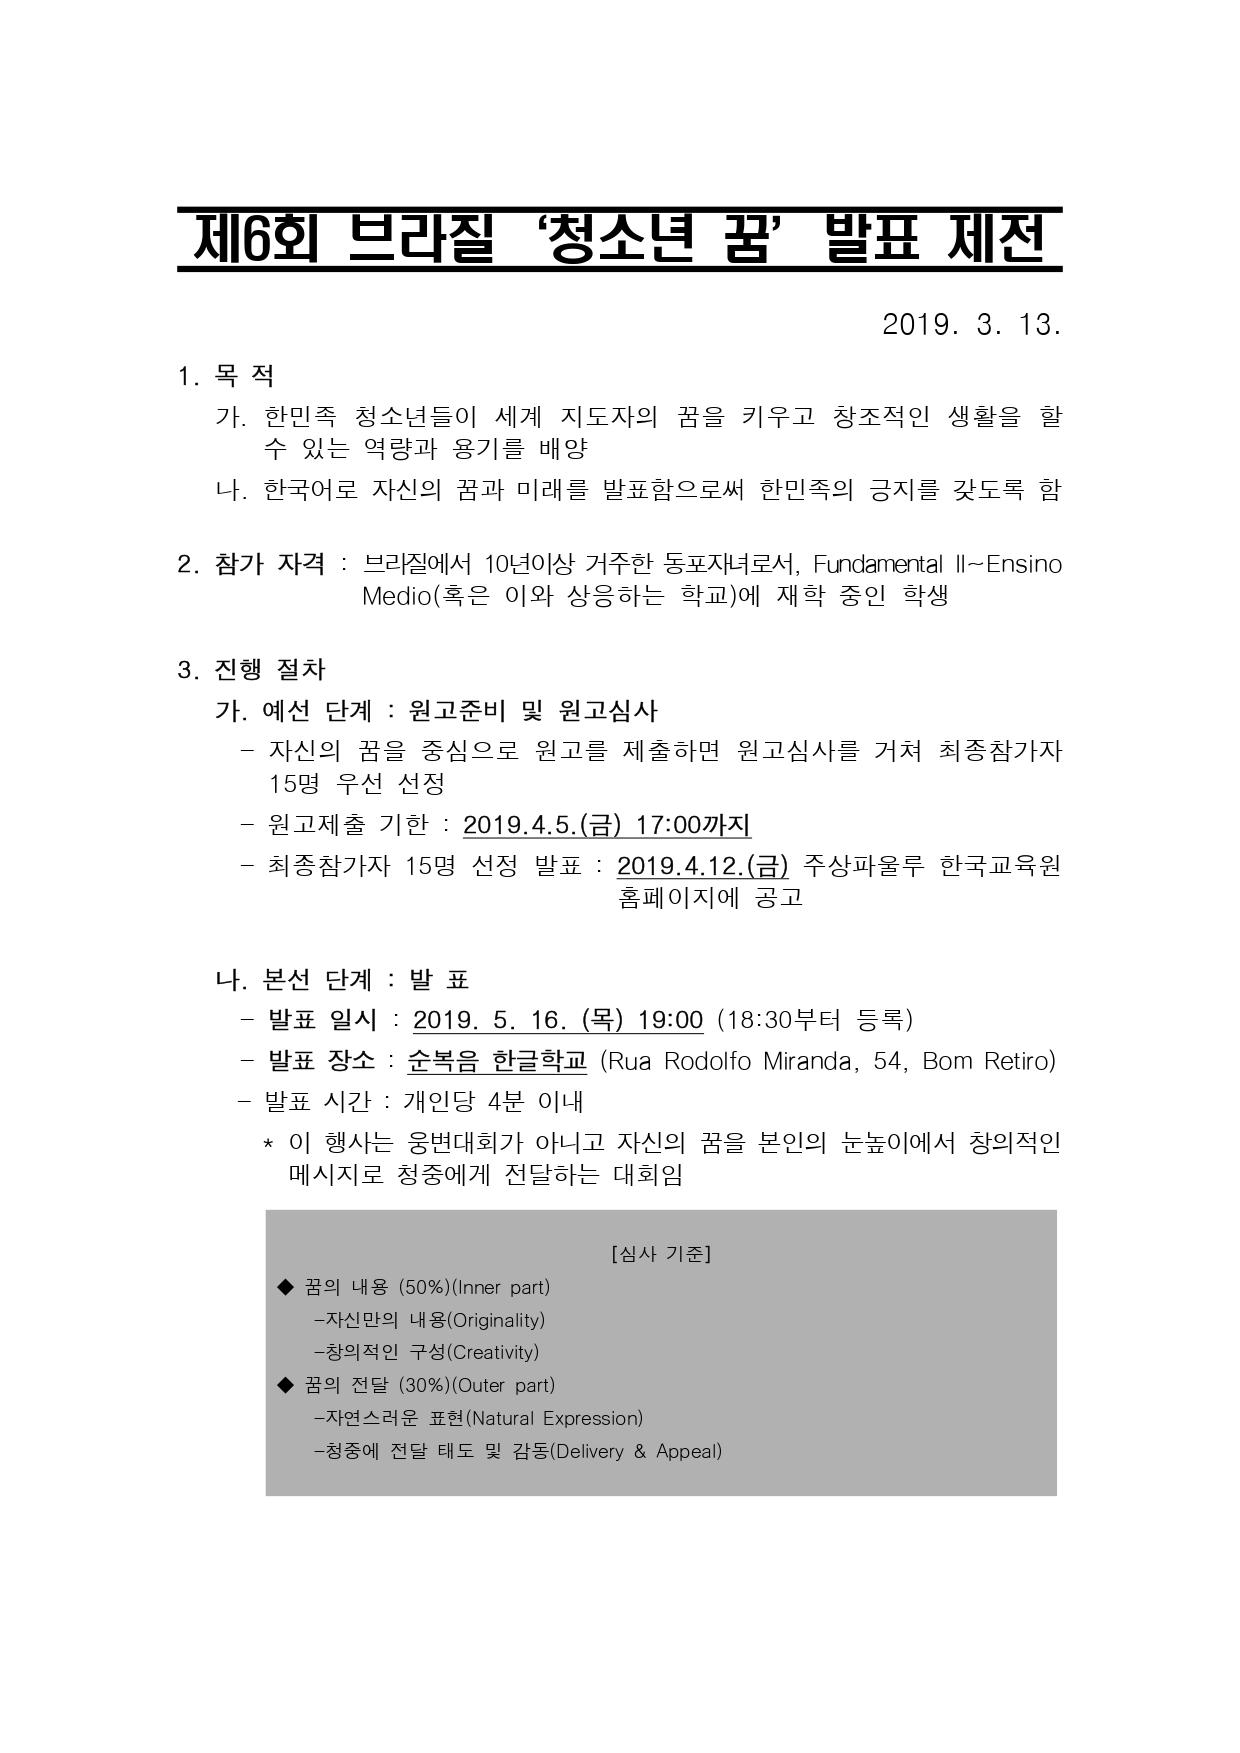 제6회 브라질 청소년 꿈 발표 제전  계획_page-0001.jpg